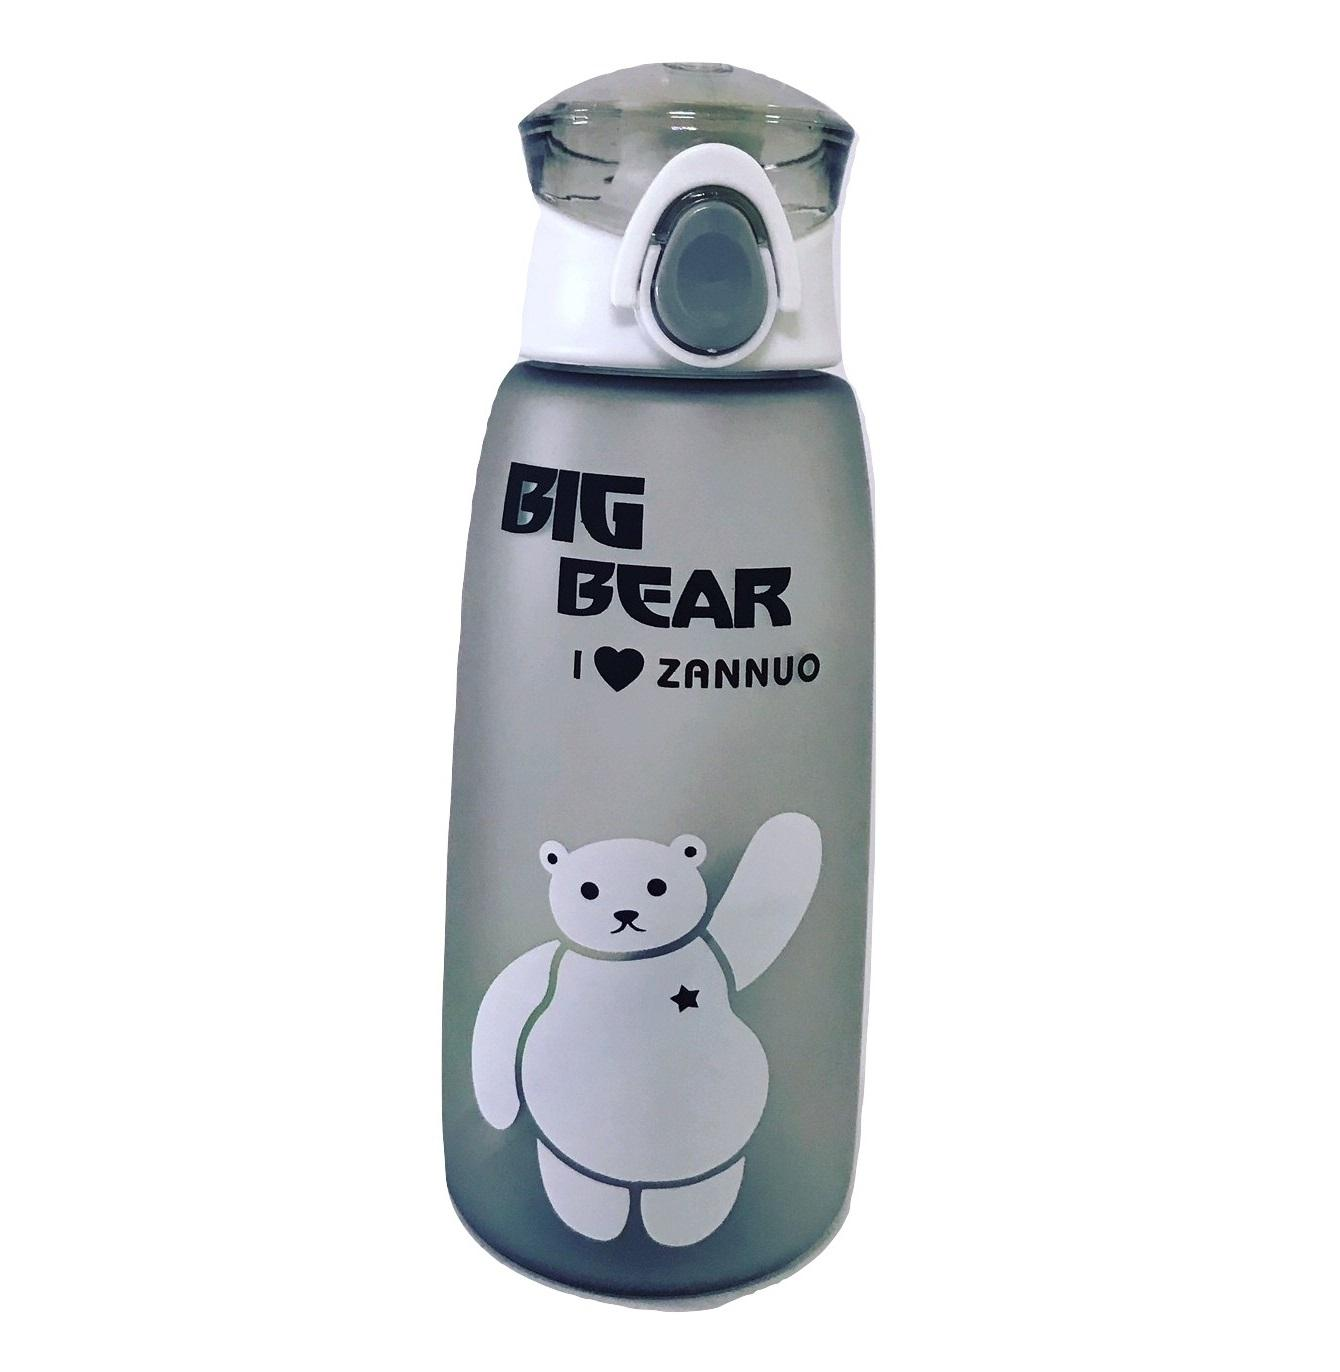 Botol Minum Infused Water Terbaik Tempat Makan Hamster 500ml Karakter Big Bear